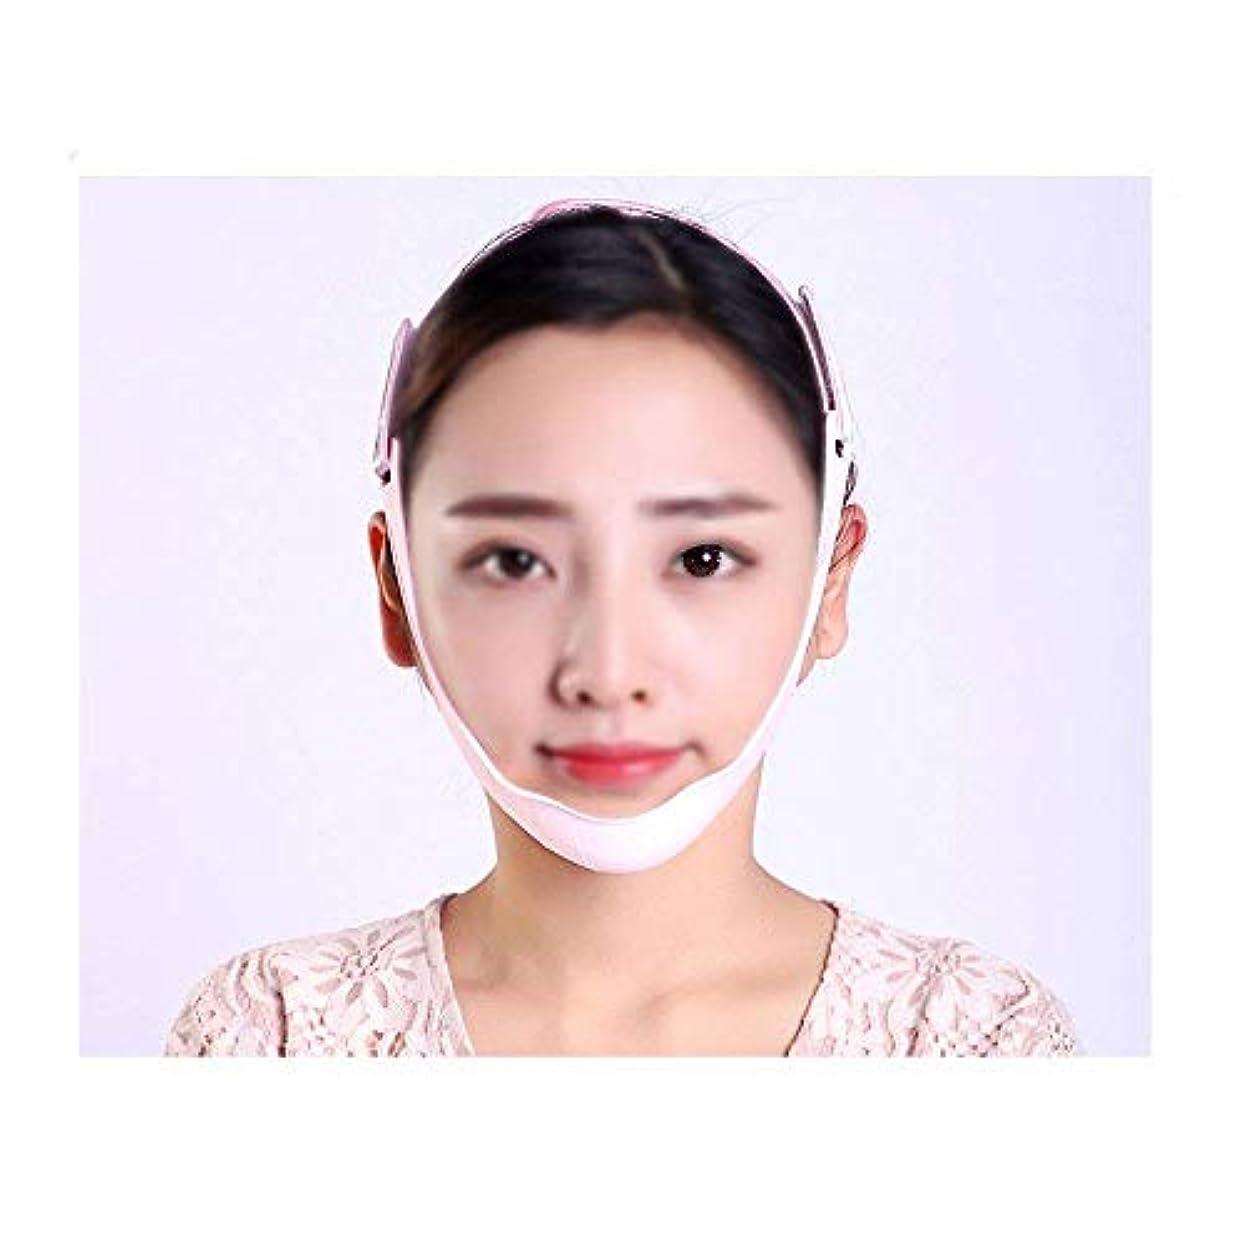 ビン応用オリエントフェイシャルリフティングマスク、リフティングフェイシャルファーミングアーティファクト/マッサージ器薄い顔の包帯/通気性ダブルチンスリミングマスク